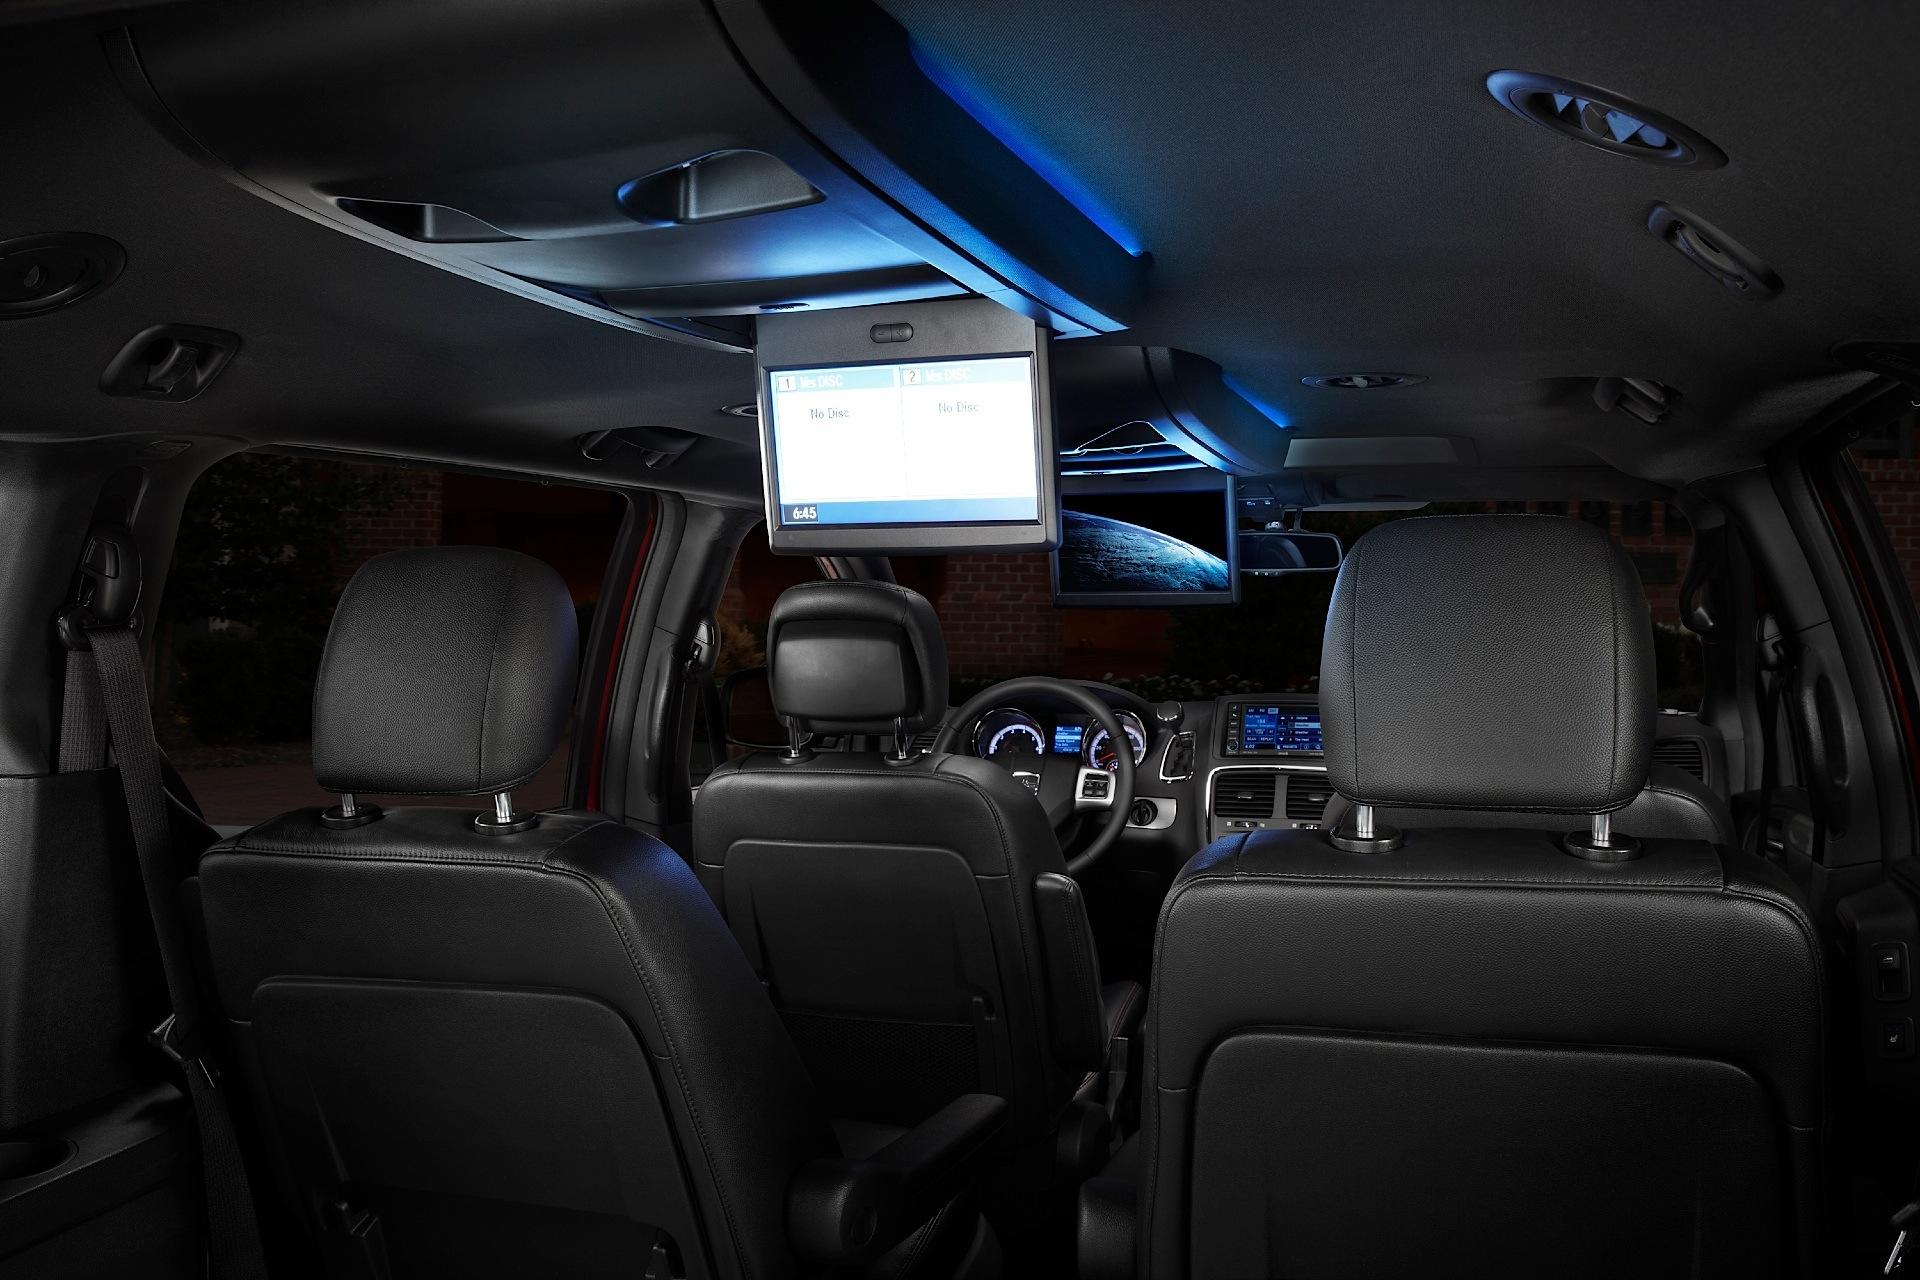 2012 Dodge Charger Se >> DODGE Grand Caravan specs & photos - 2008, 2009, 2010, 2011, 2012, 2013, 2014 - autoevolution